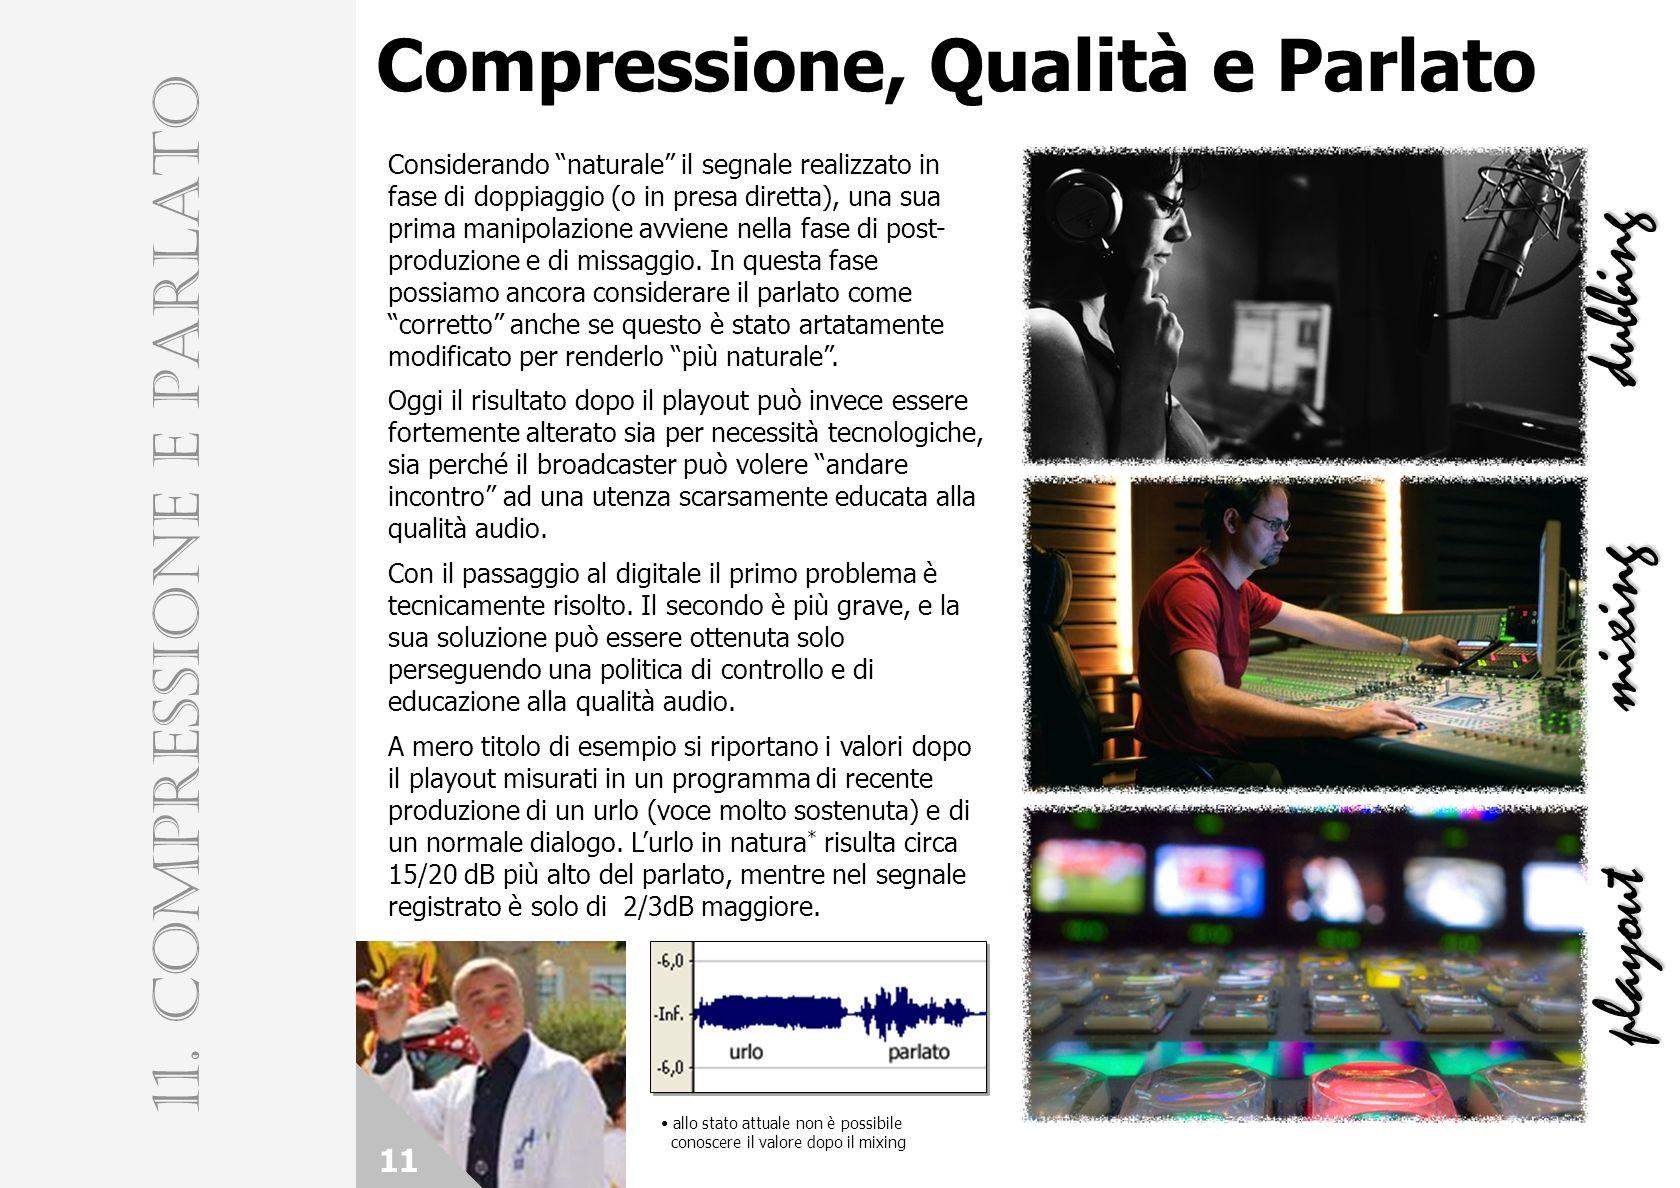 Compressione, Qualità e Parlato 11 11. COMPRESSIONE E PARLATO dubbing mixing playout Considerando naturale il segnale realizzato in fase di doppiaggio